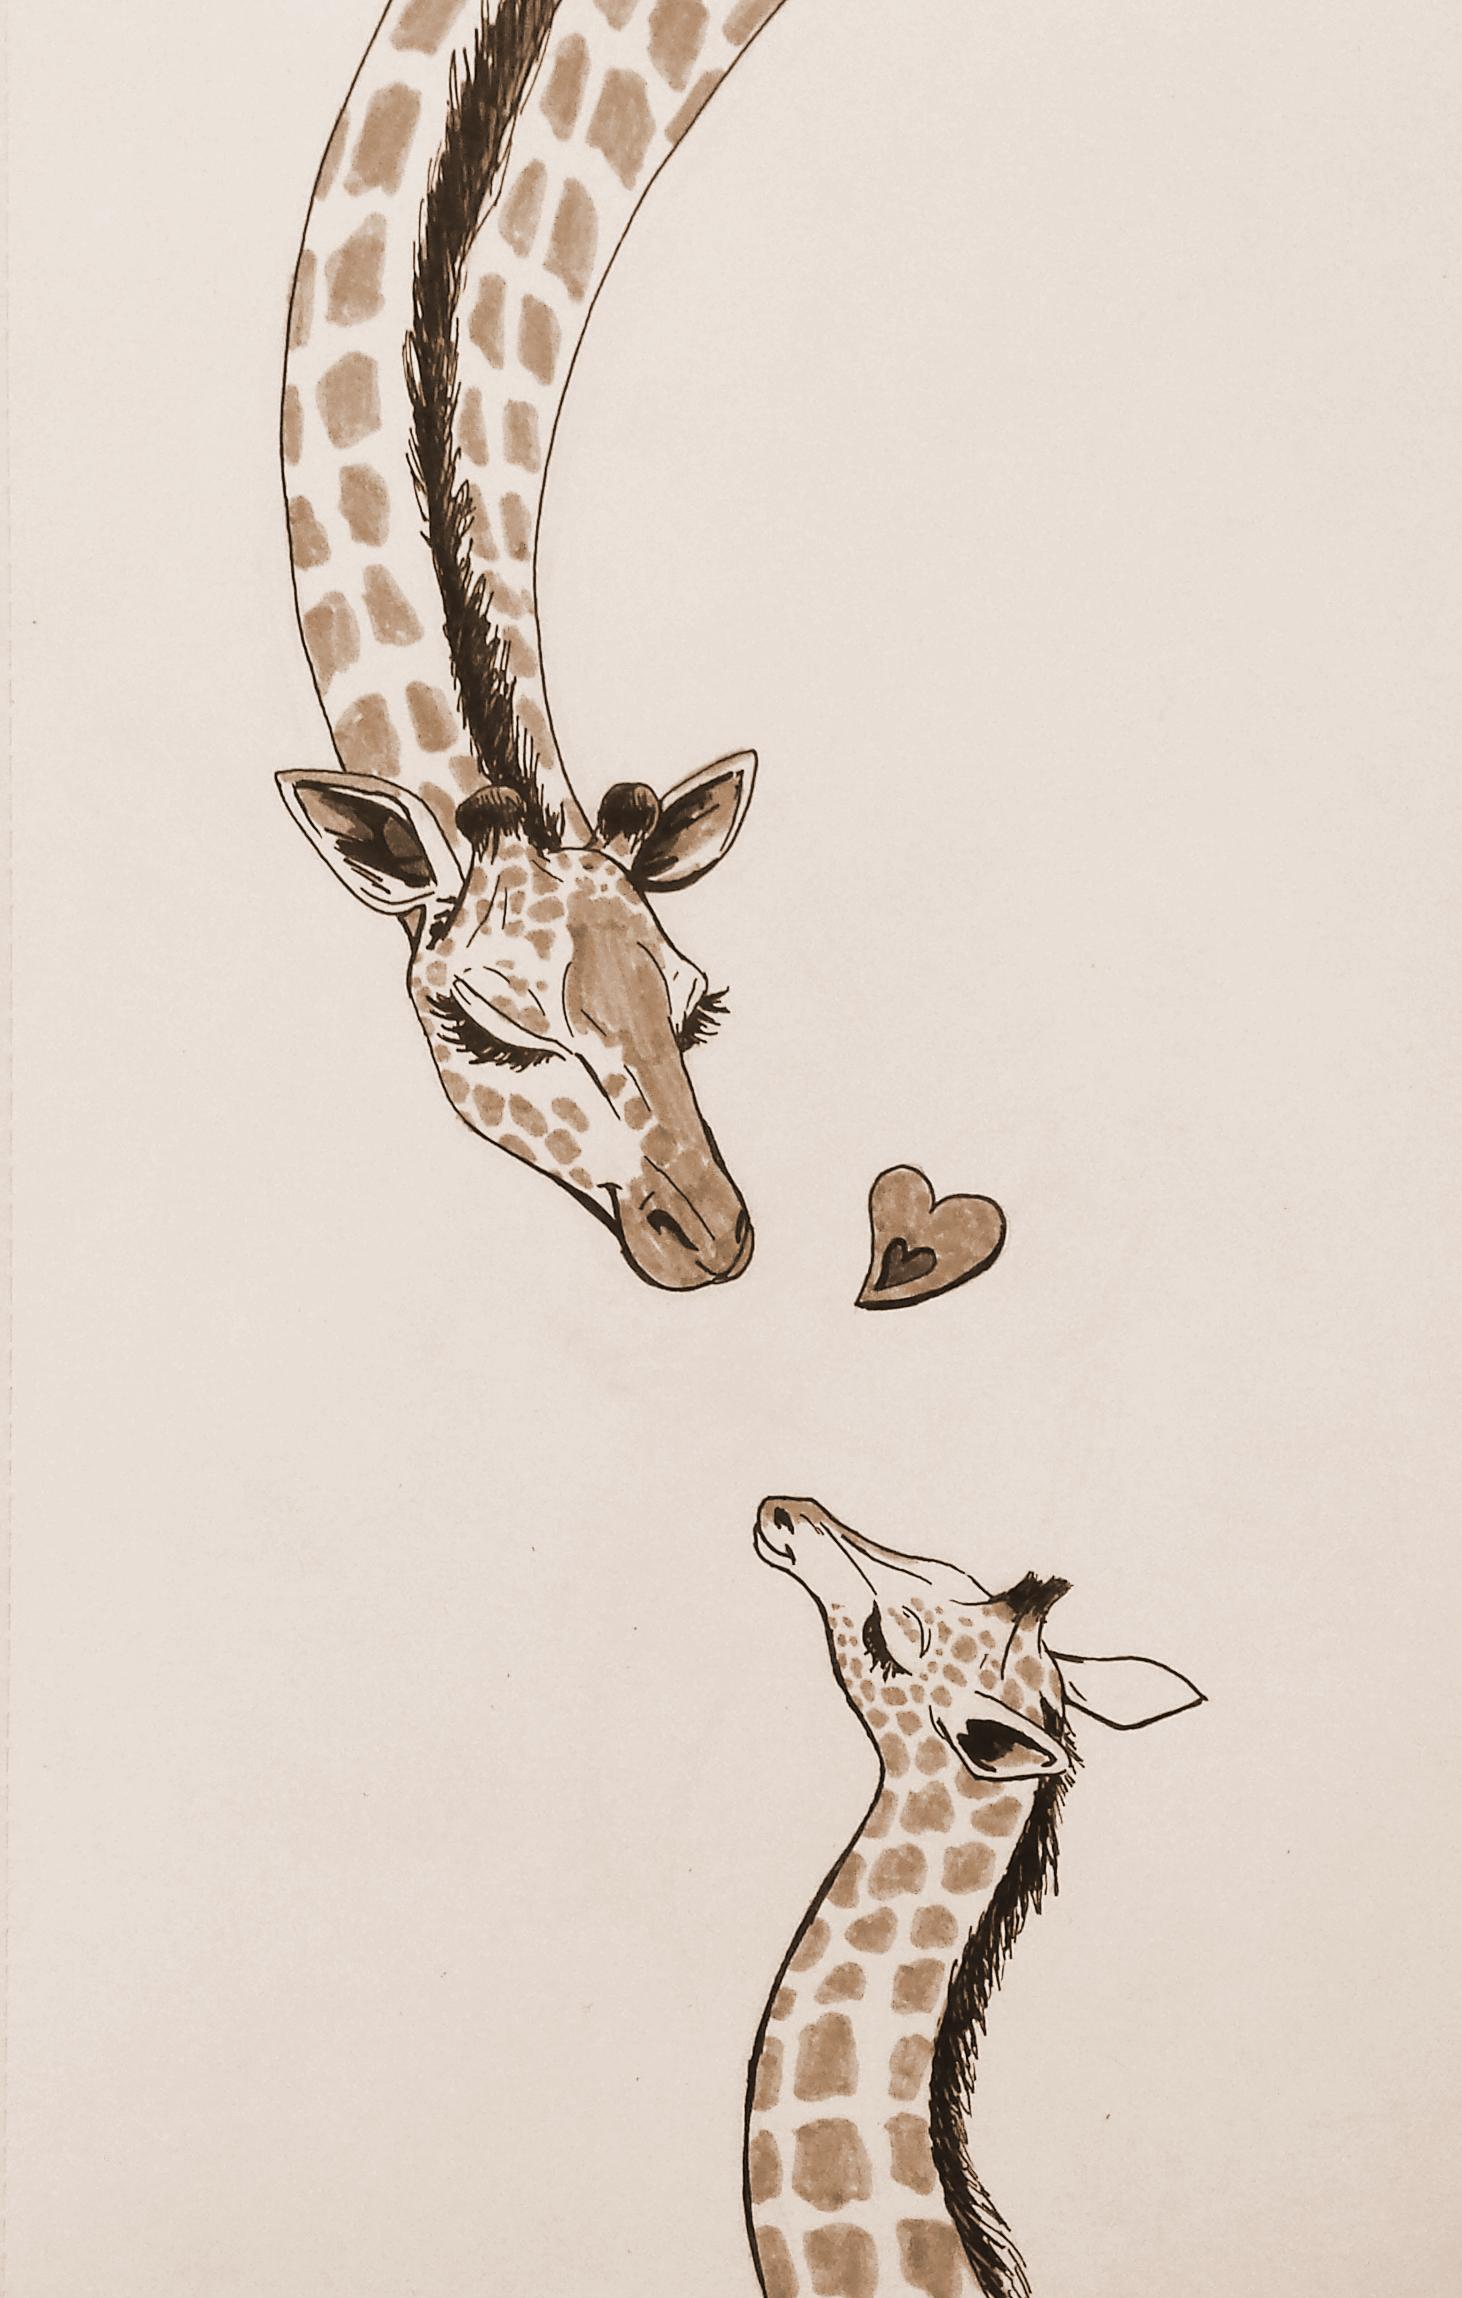 day2_giraffemom.png